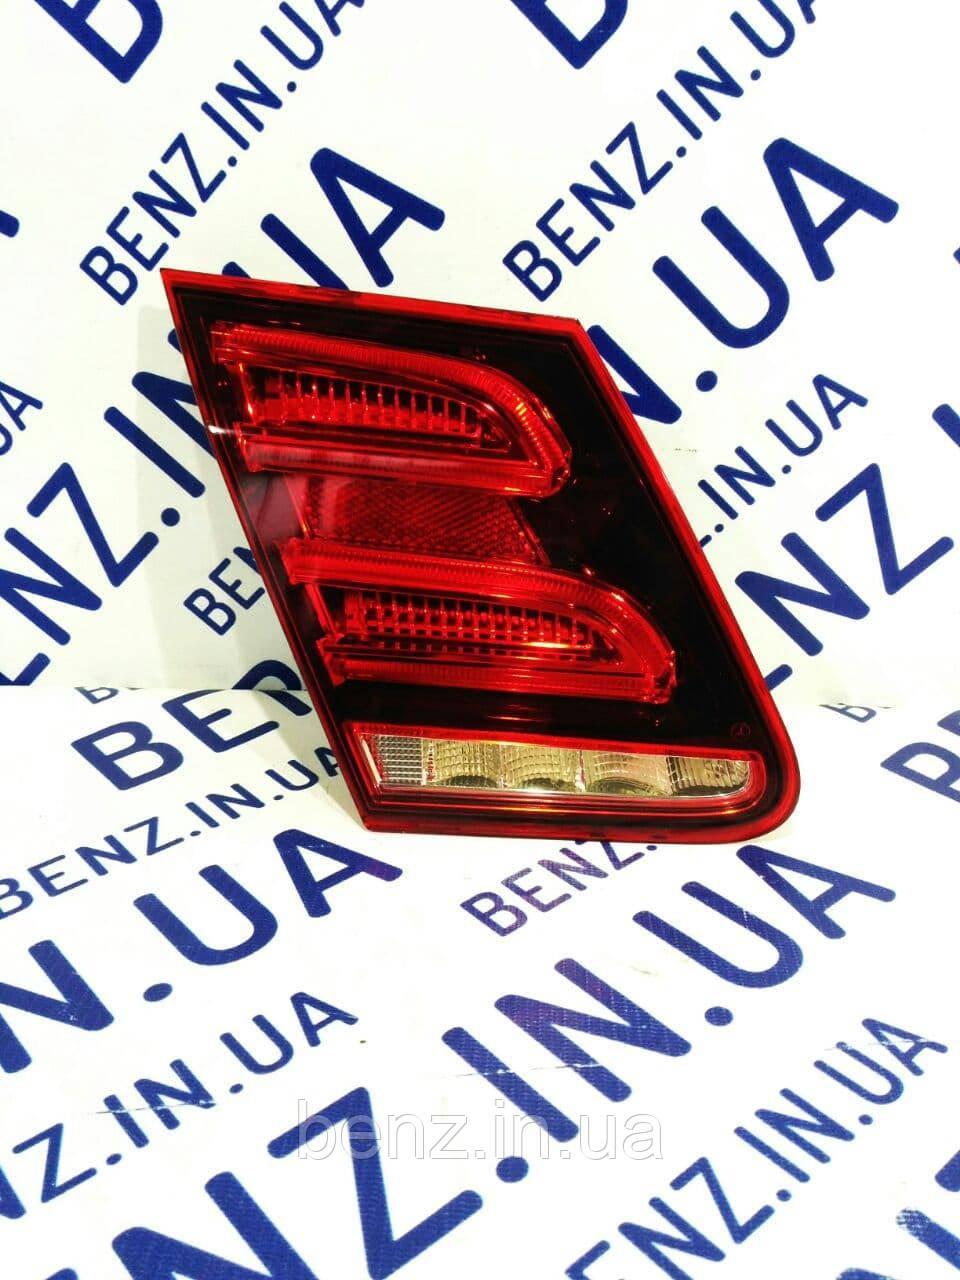 Задний фонарь внутренний левый Mercedes W212 рестайл A2129060903